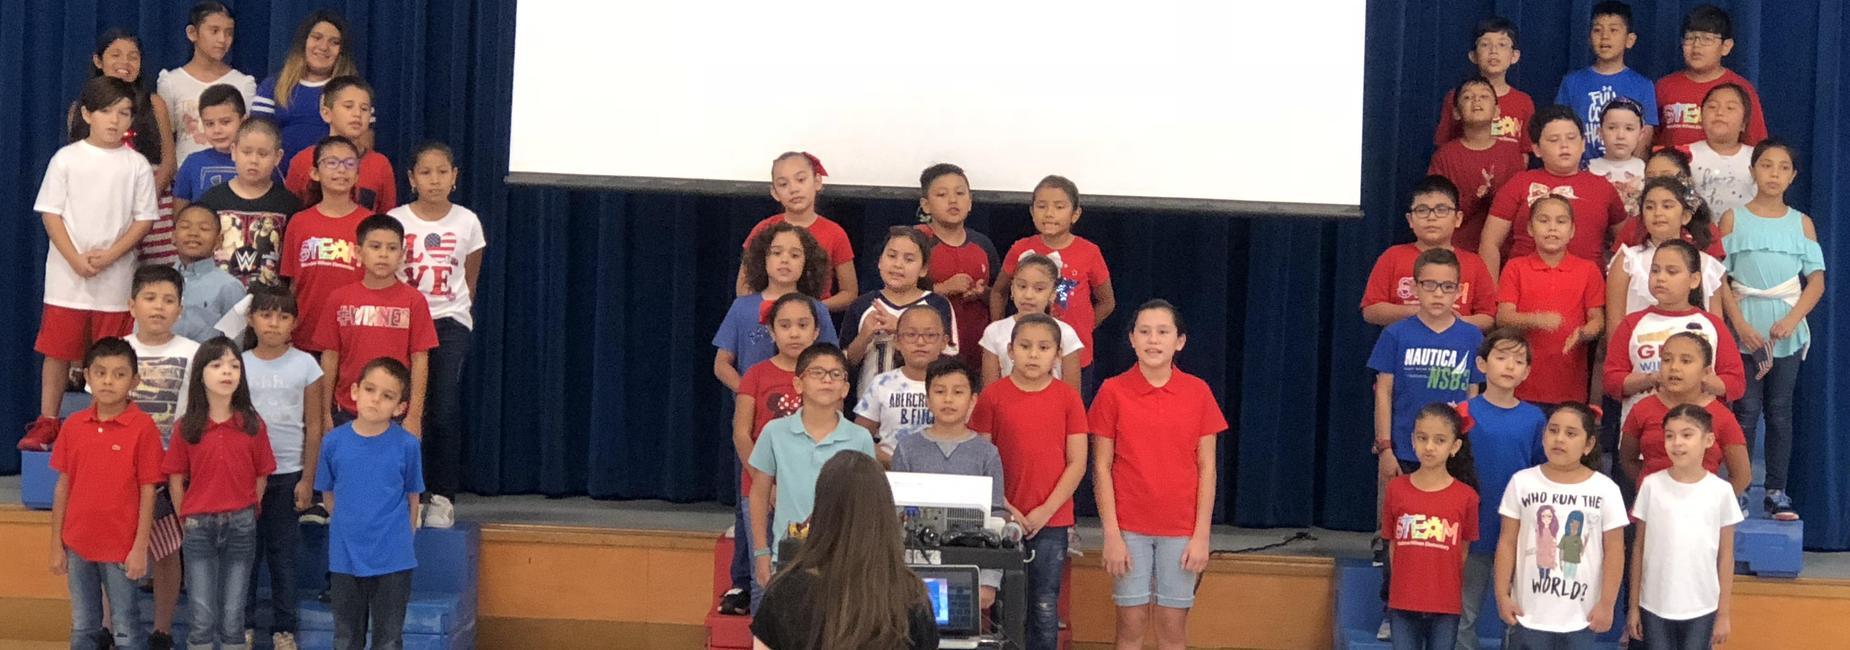 3rd Grade Program